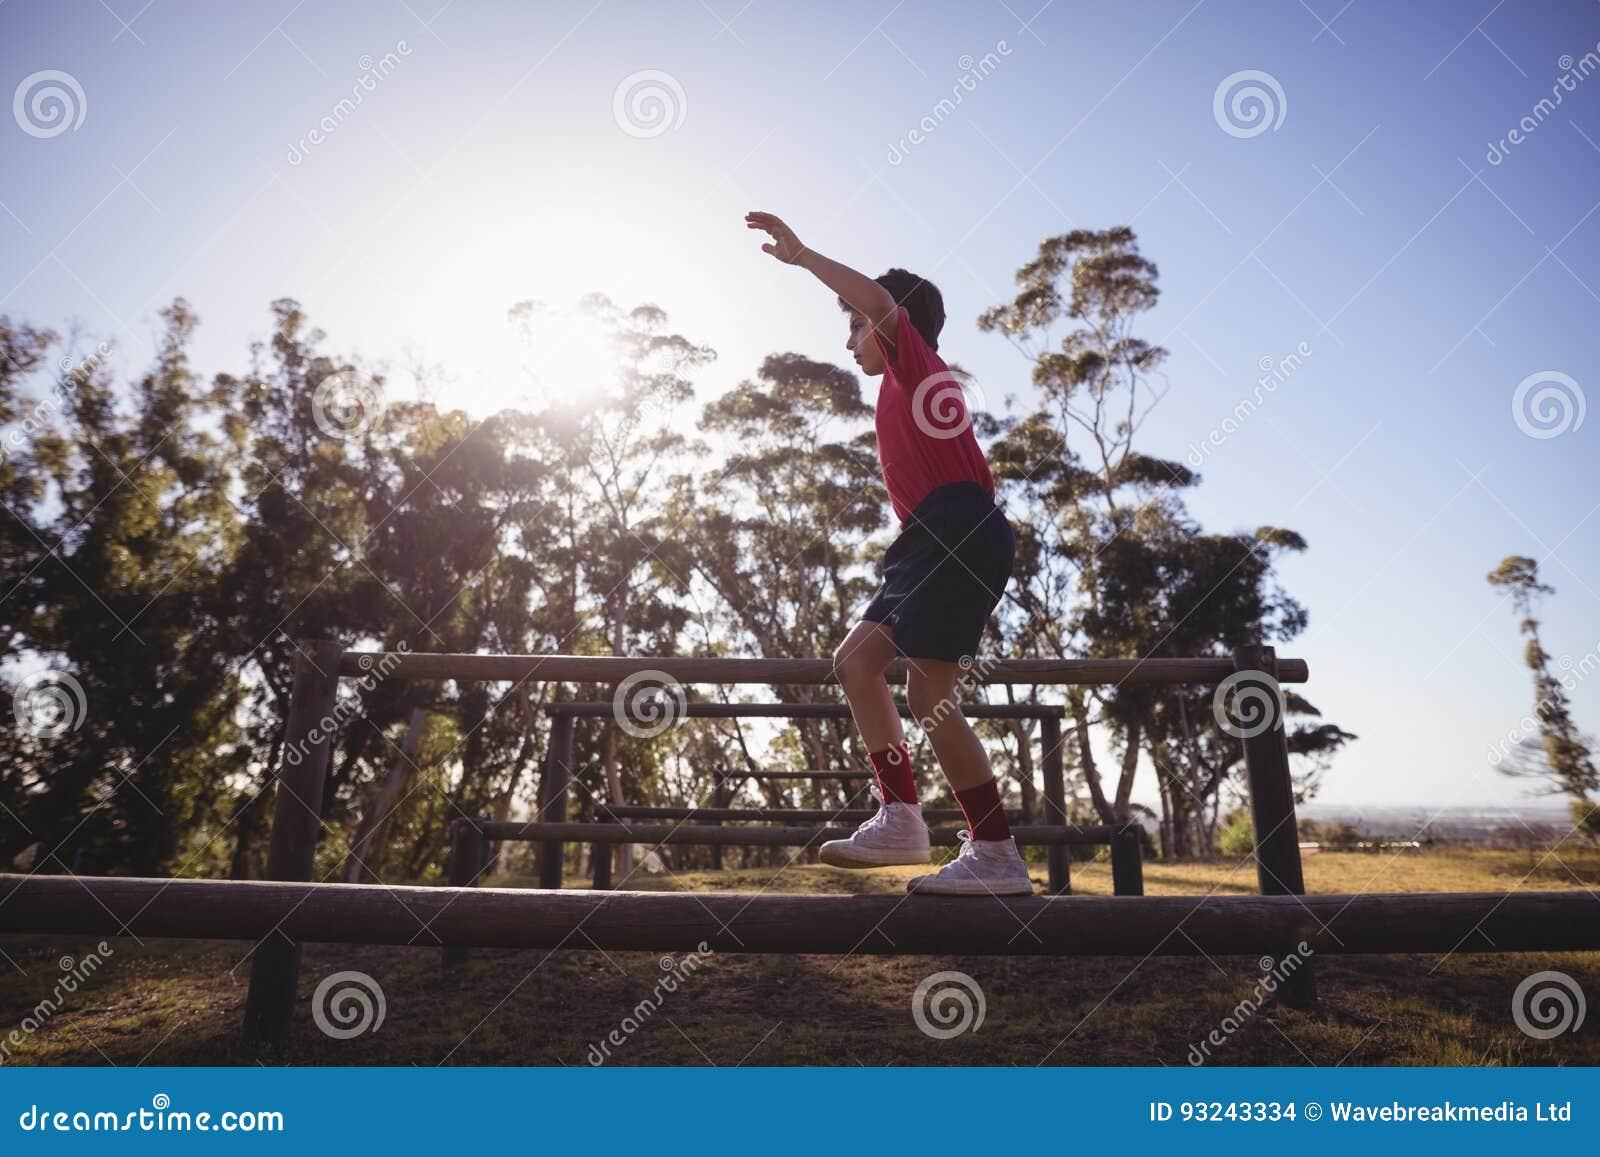 Menino que anda no obstáculo durante o curso de obstáculo